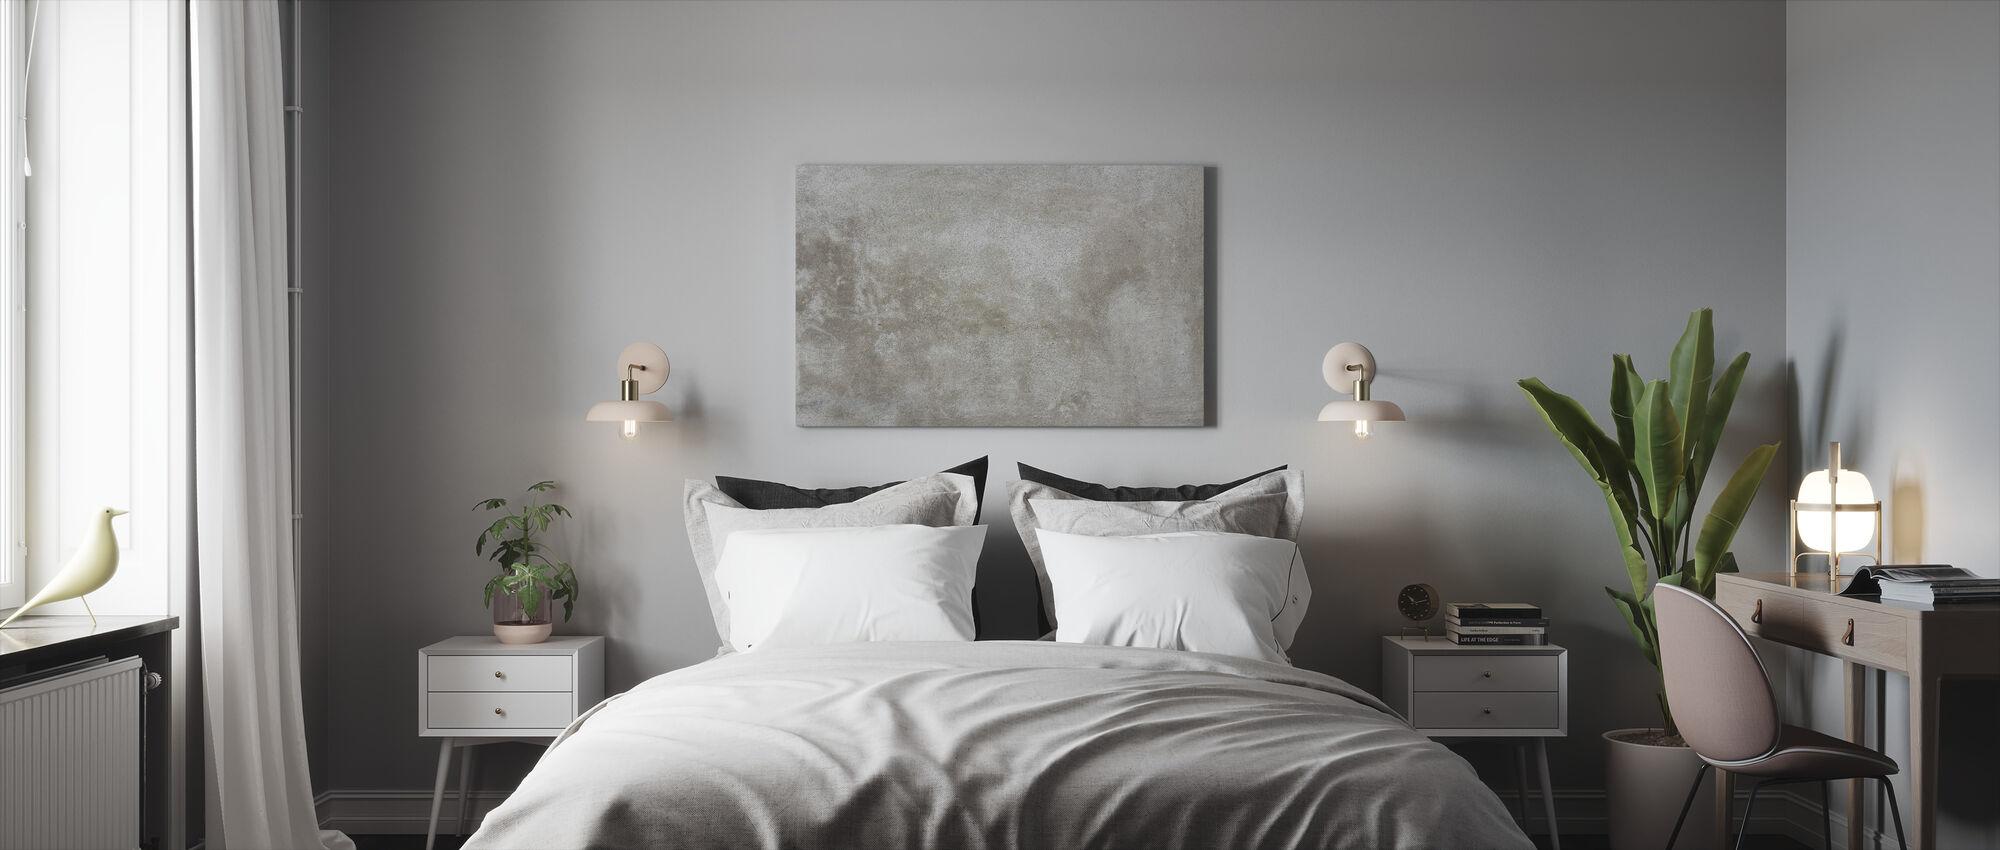 Gescheurde Beige Stenen Muur - Canvas print - Slaapkamer